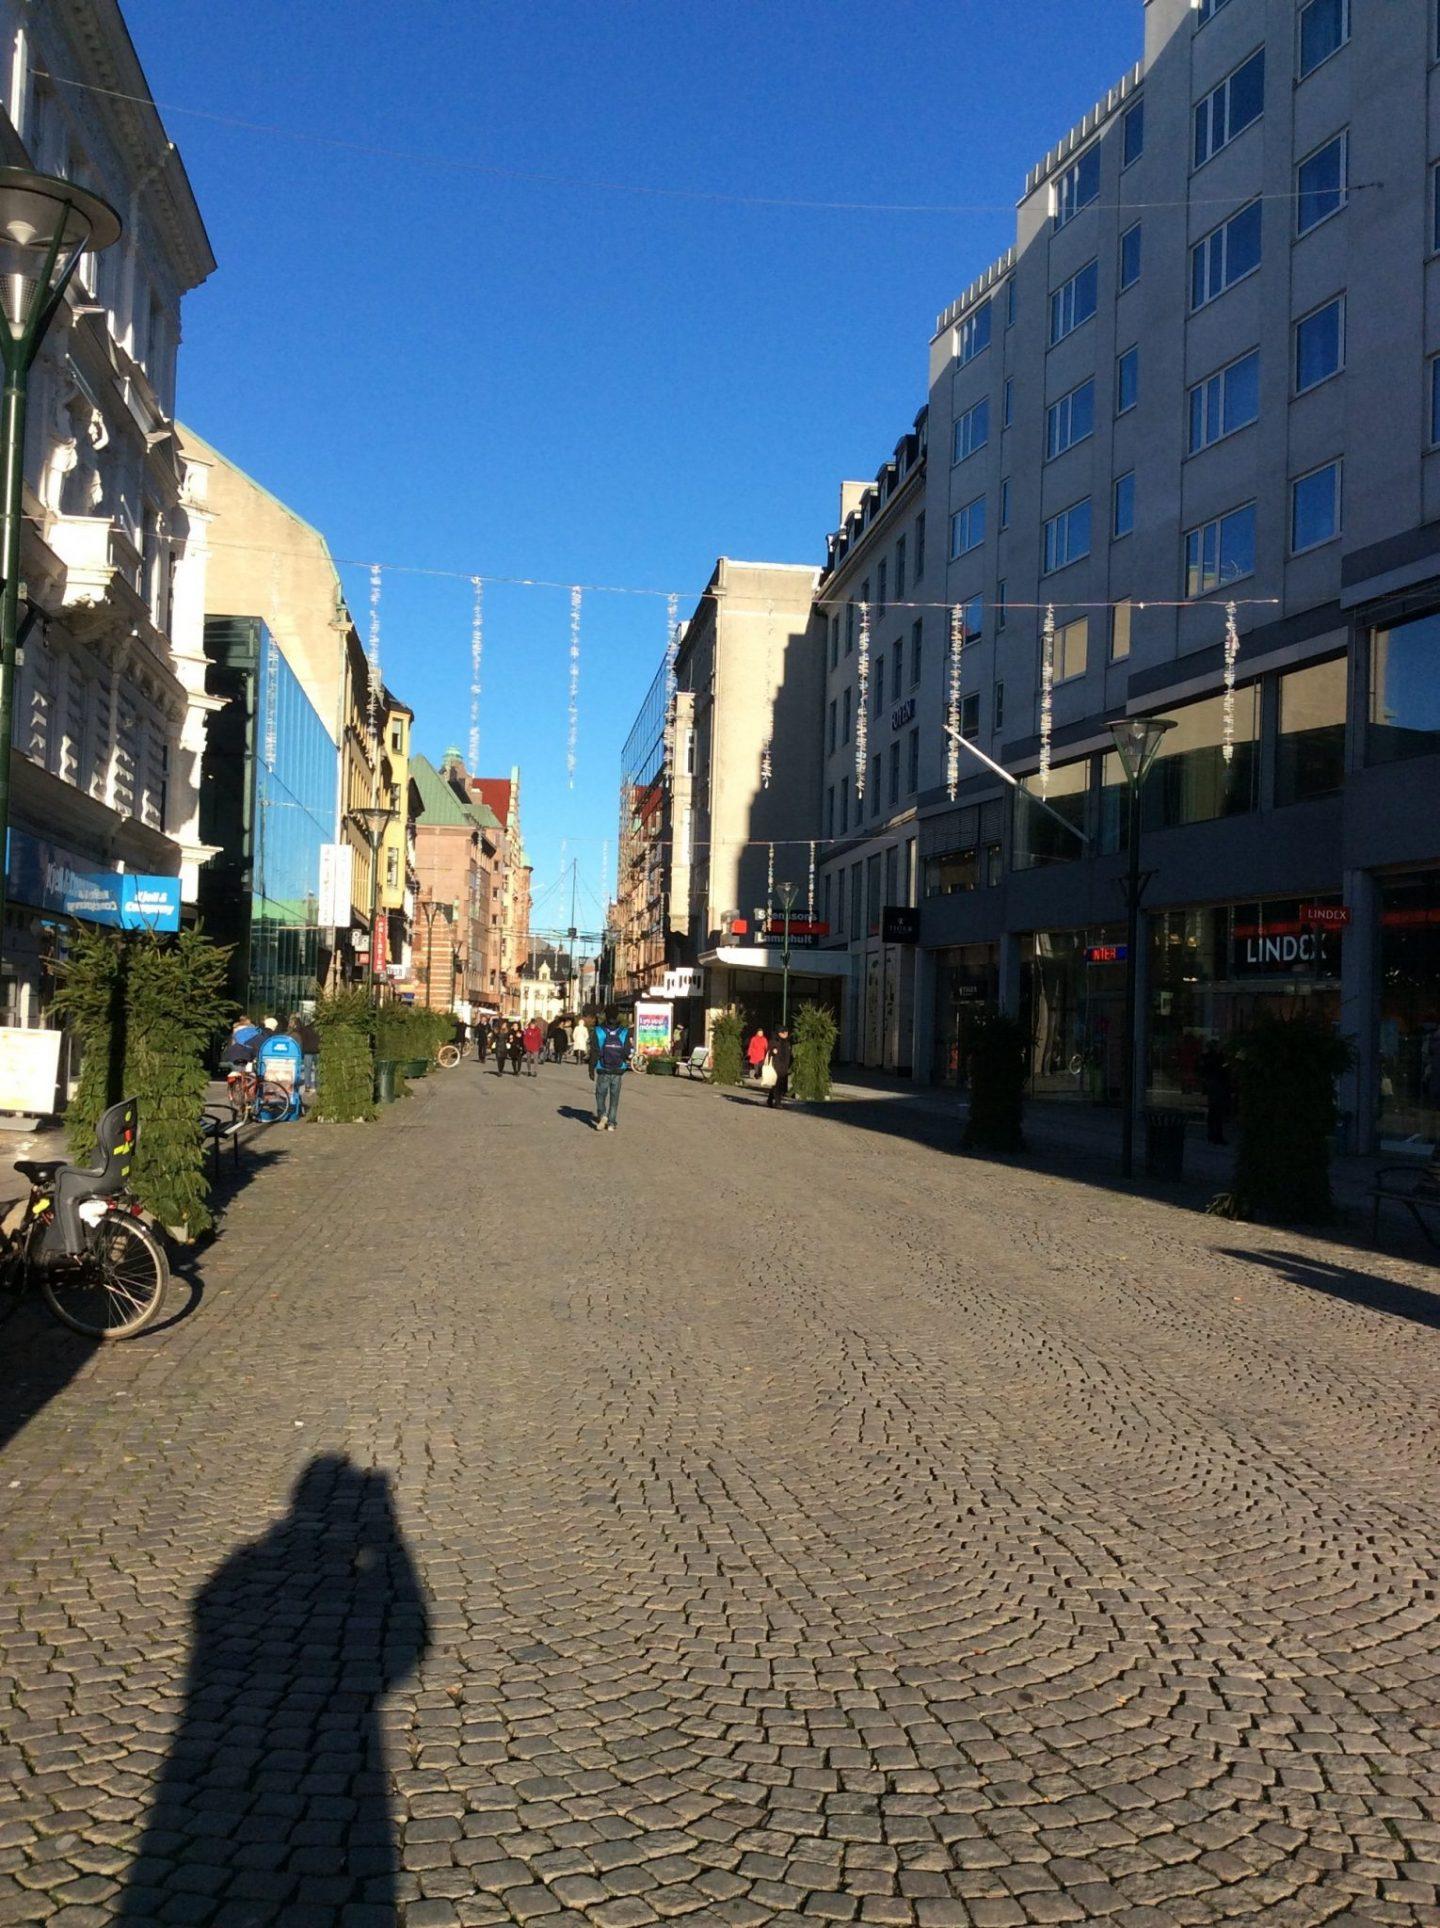 IMG 0125 1440x1928 - Malmö and the history